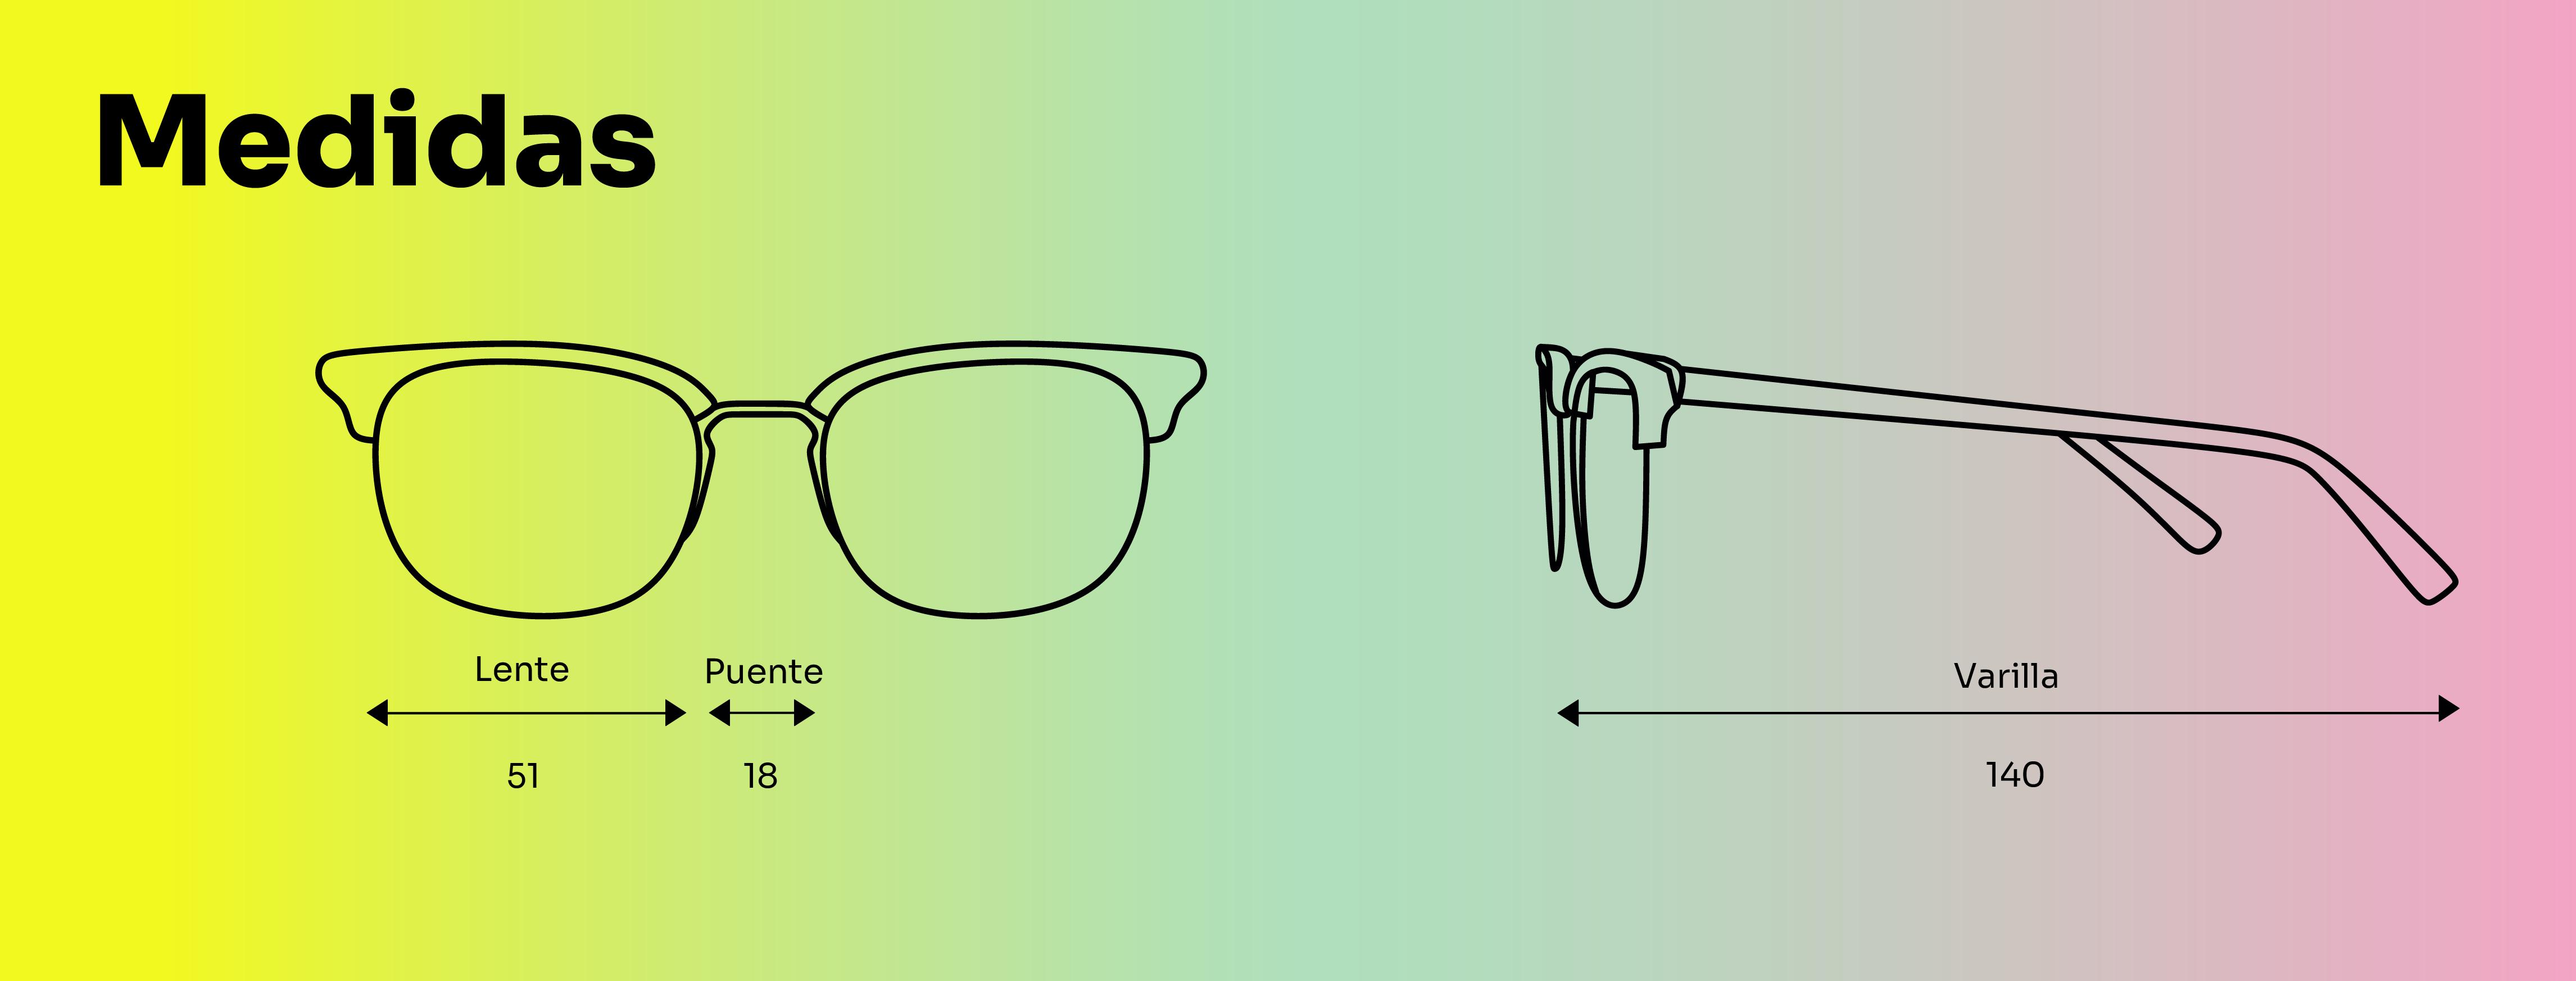 medidas-montura-de-gafas-graduadas-de-marca-Vigi